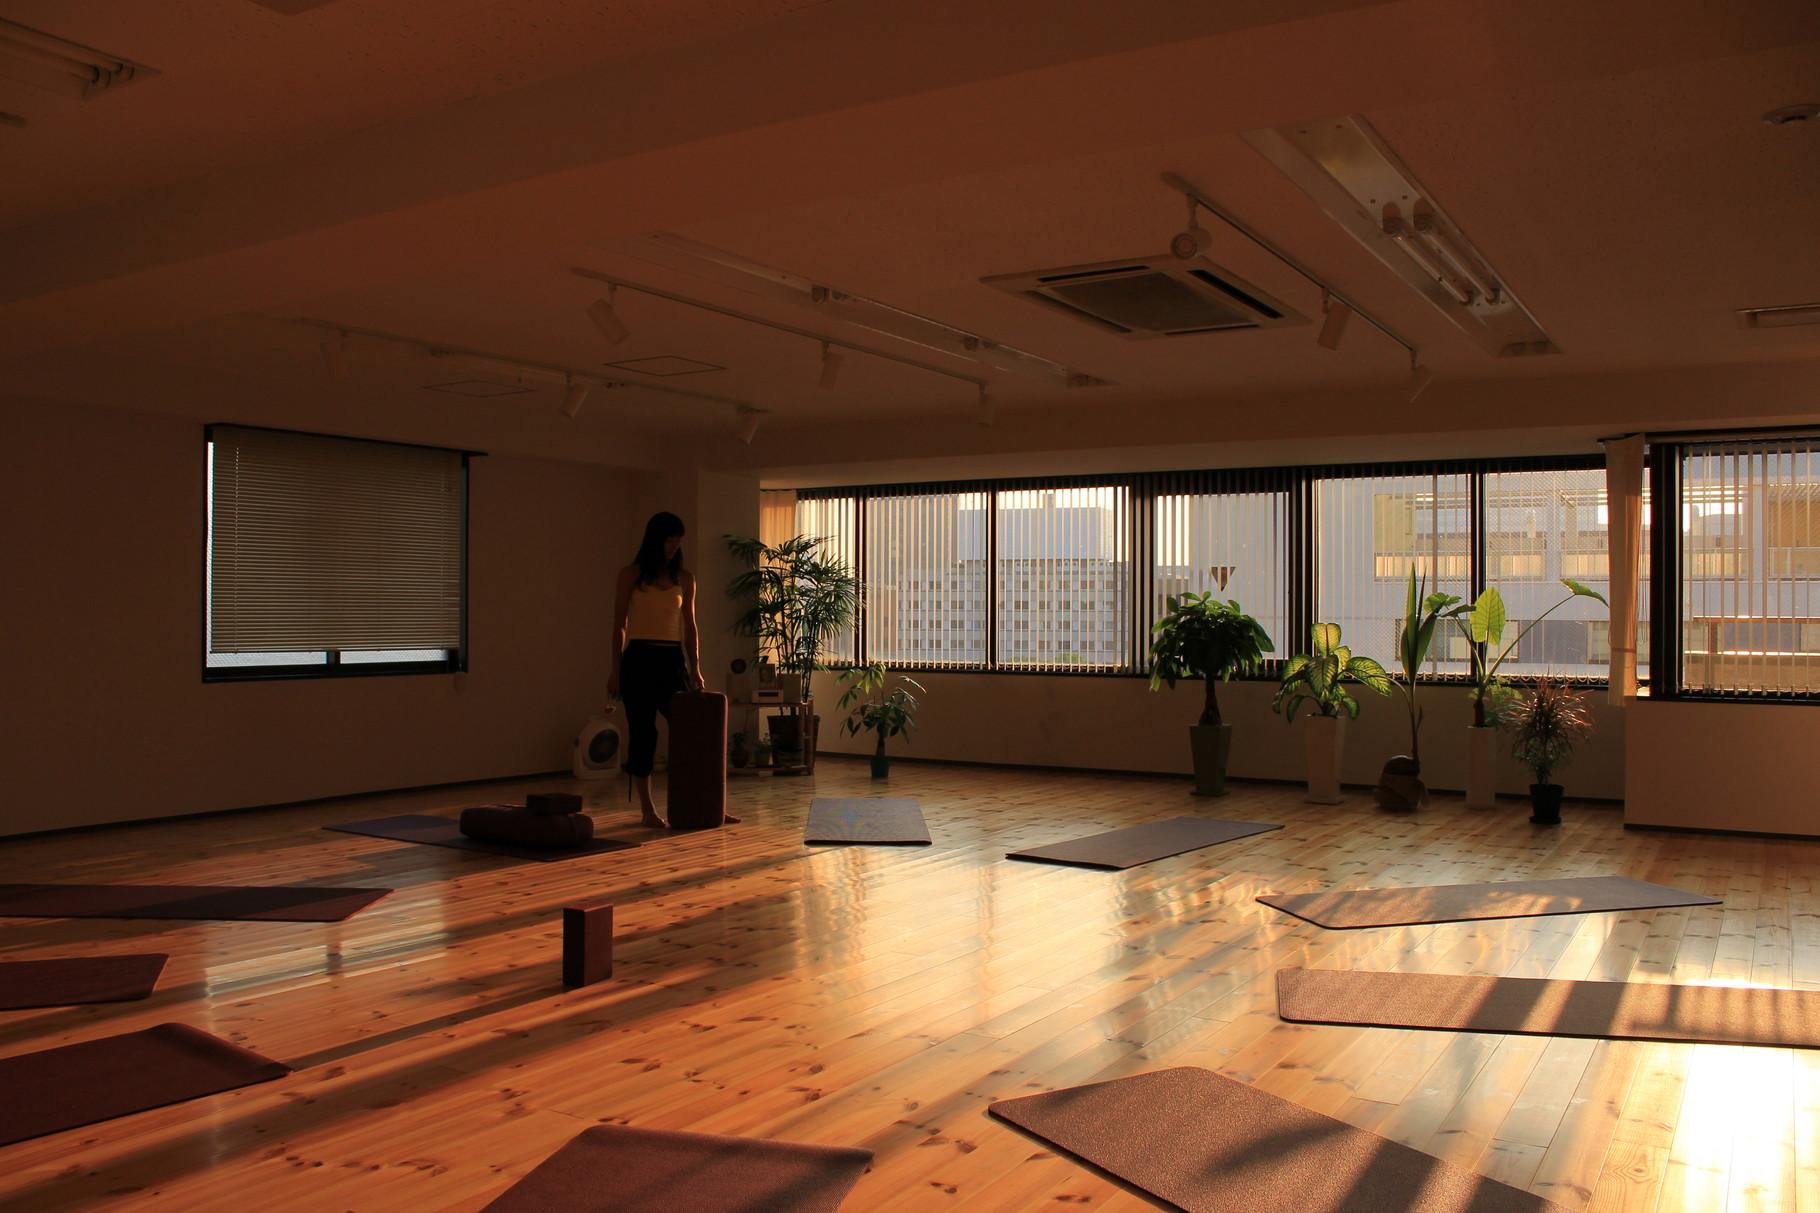 夕陽が差し込み、 スタジオは幻想的な雰囲気に。